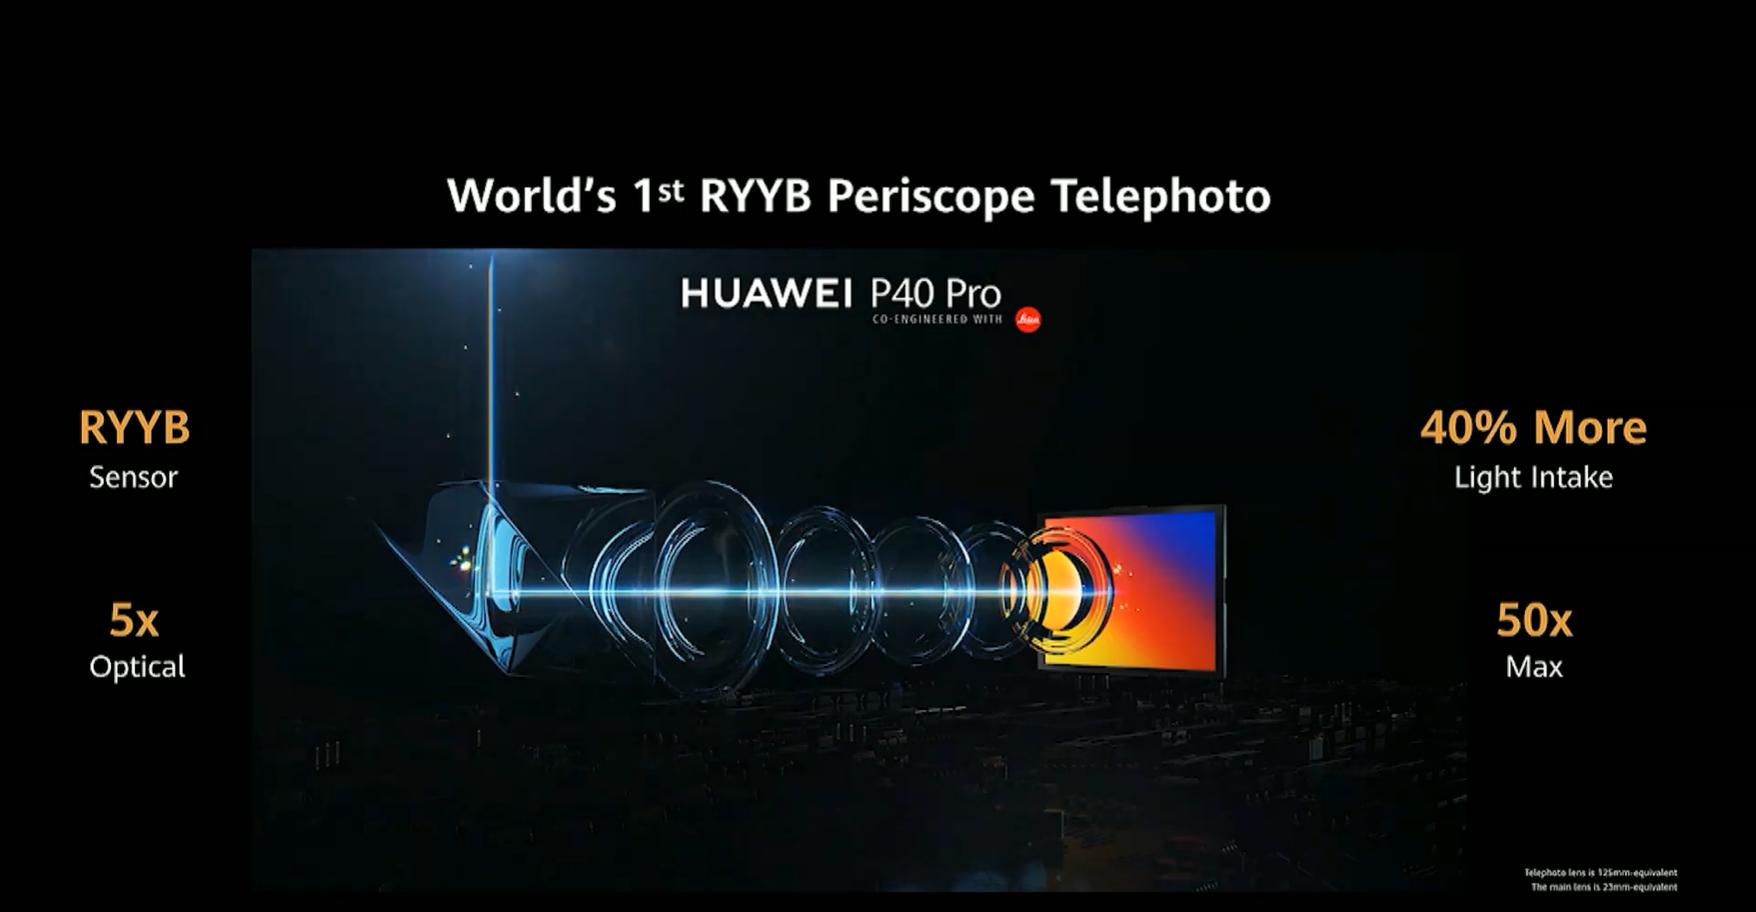 P40 Pro 潜望式镜头规格